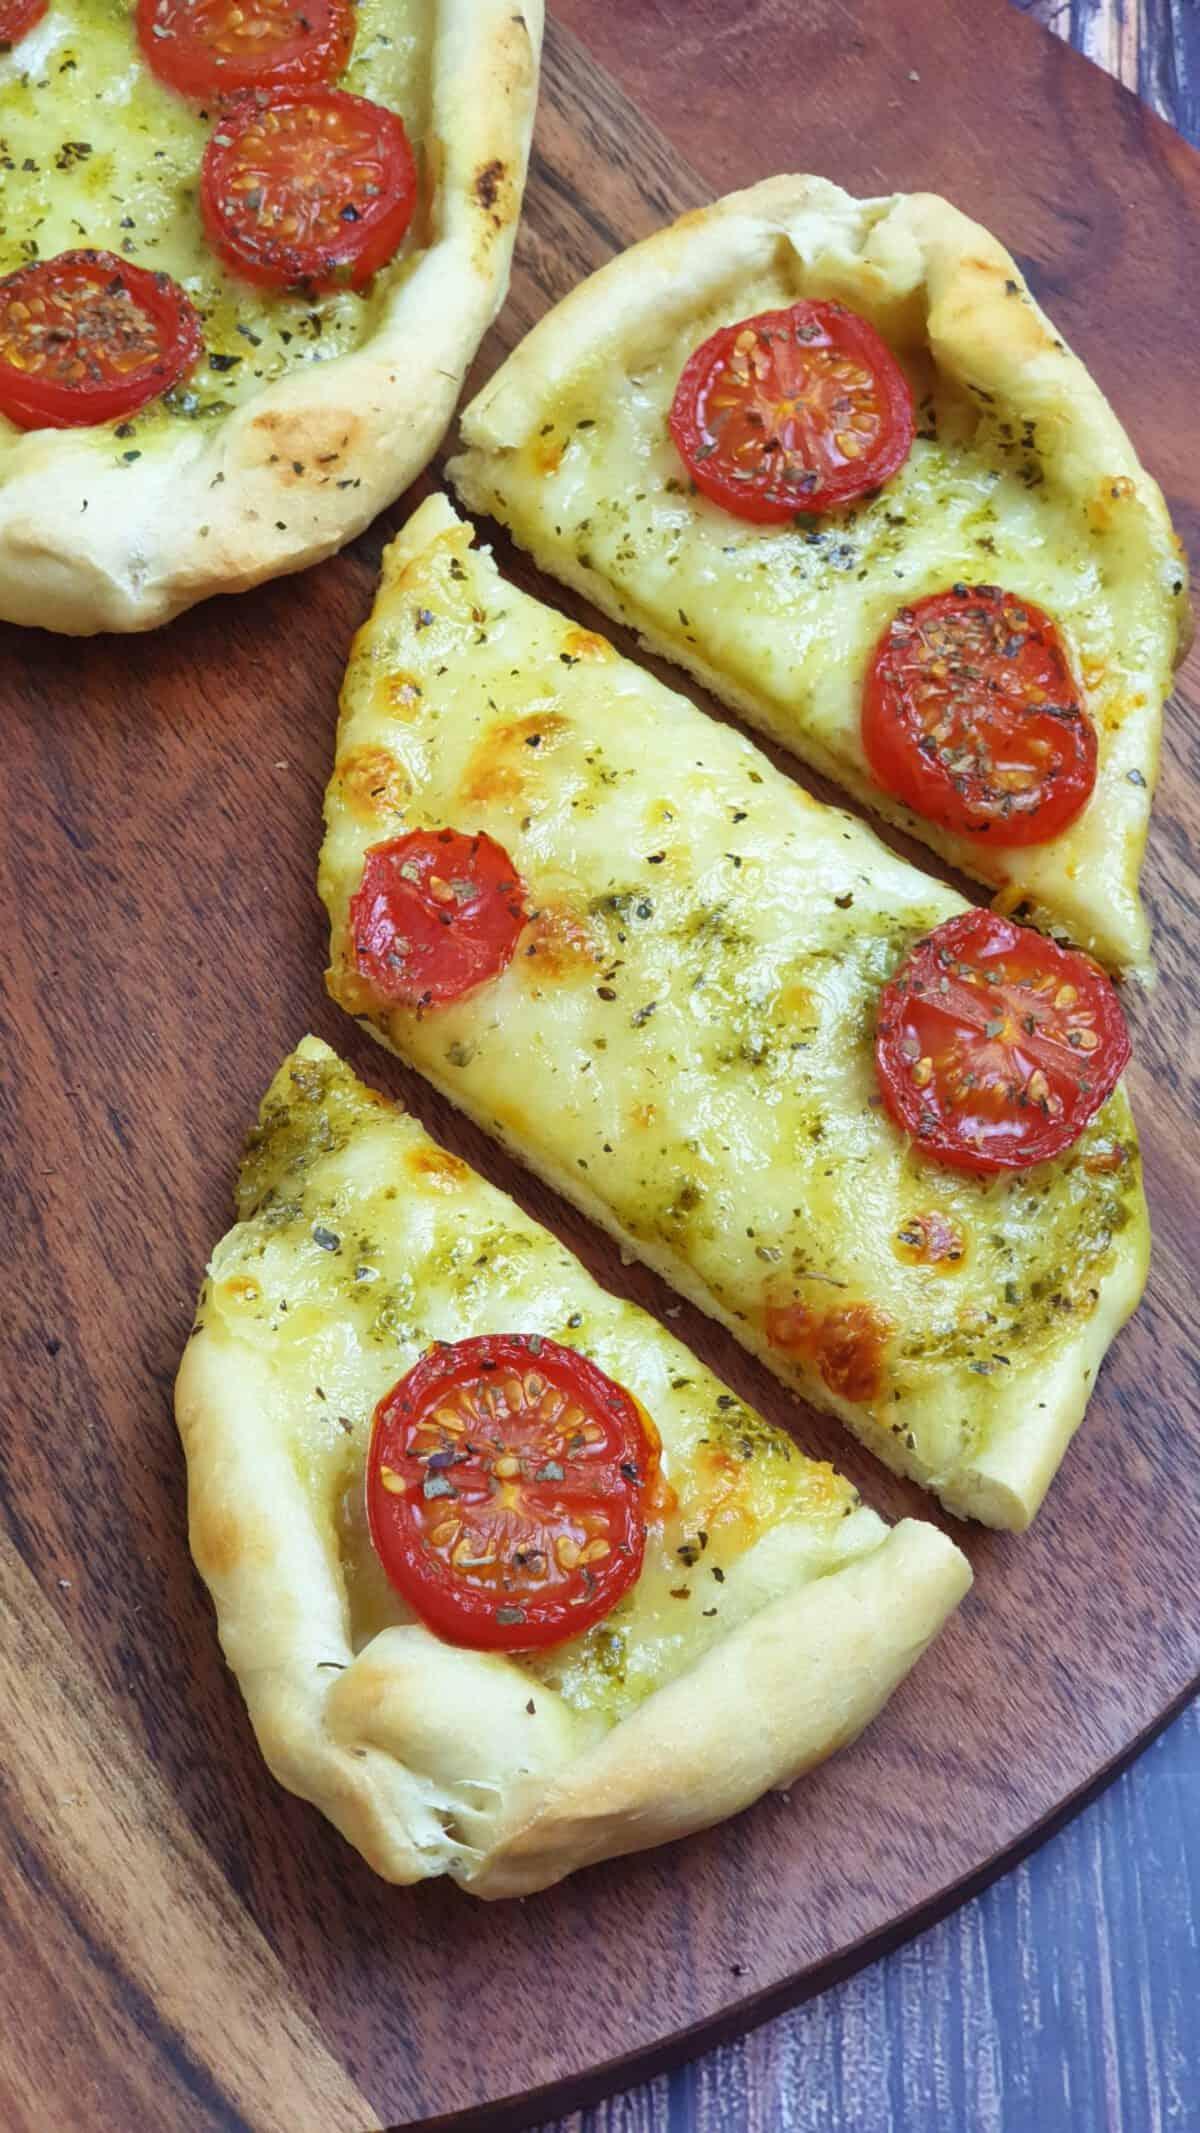 Auf einem braunen runden Brett angerichtet 2 Tomate-Mozzarella-Schiffchen. Daneben Deko und Besteck.